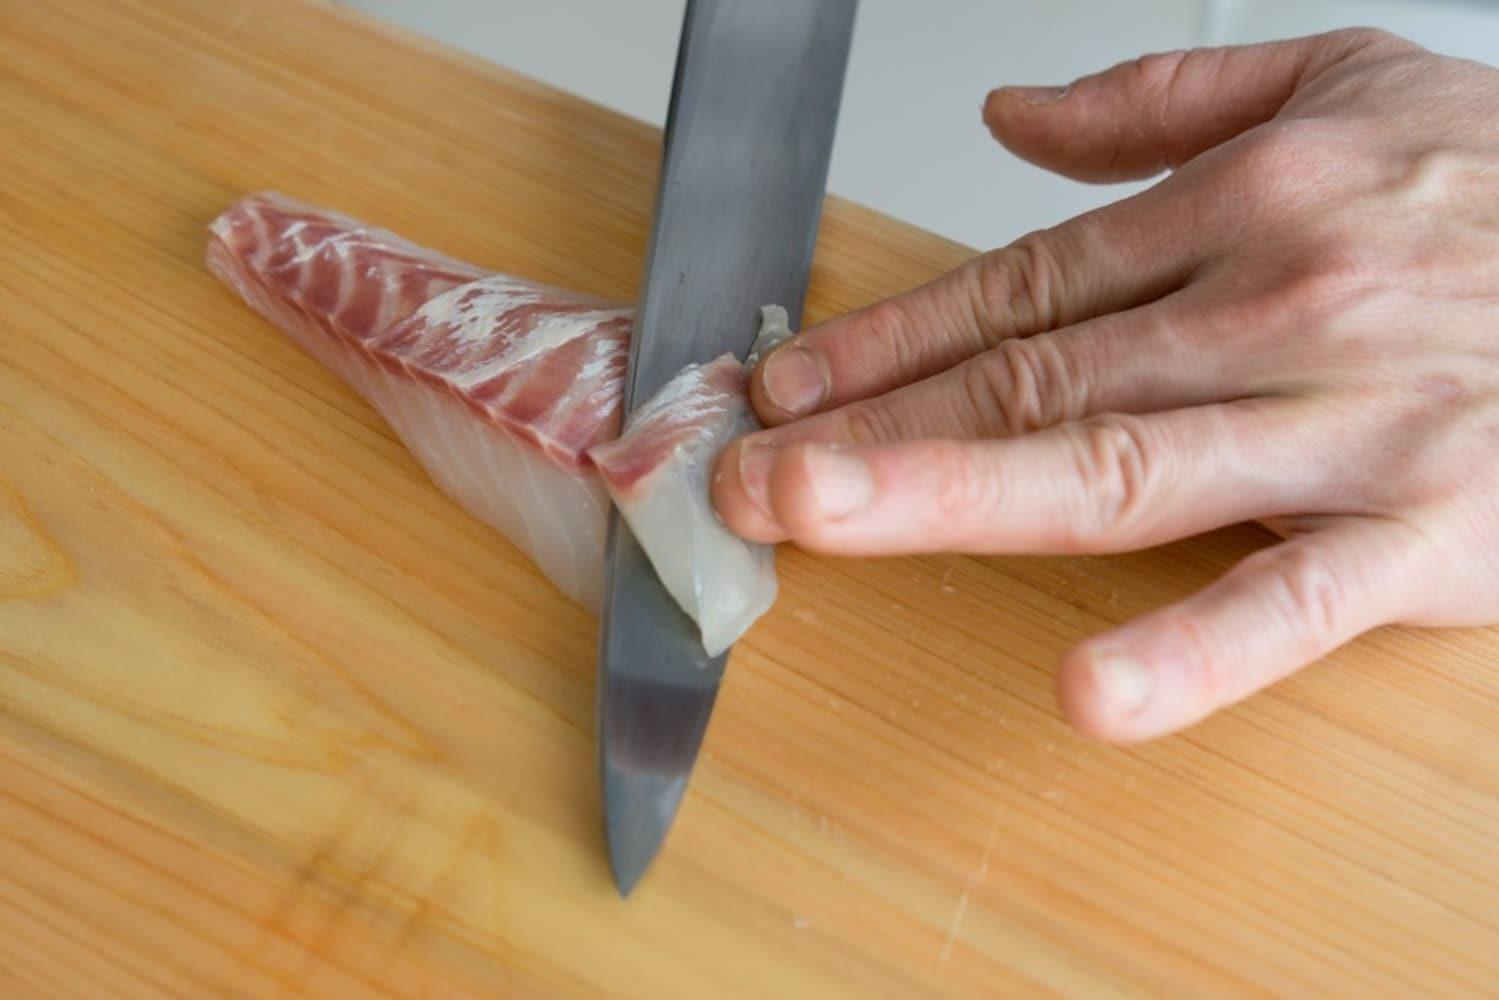 柳刃包丁の使い方